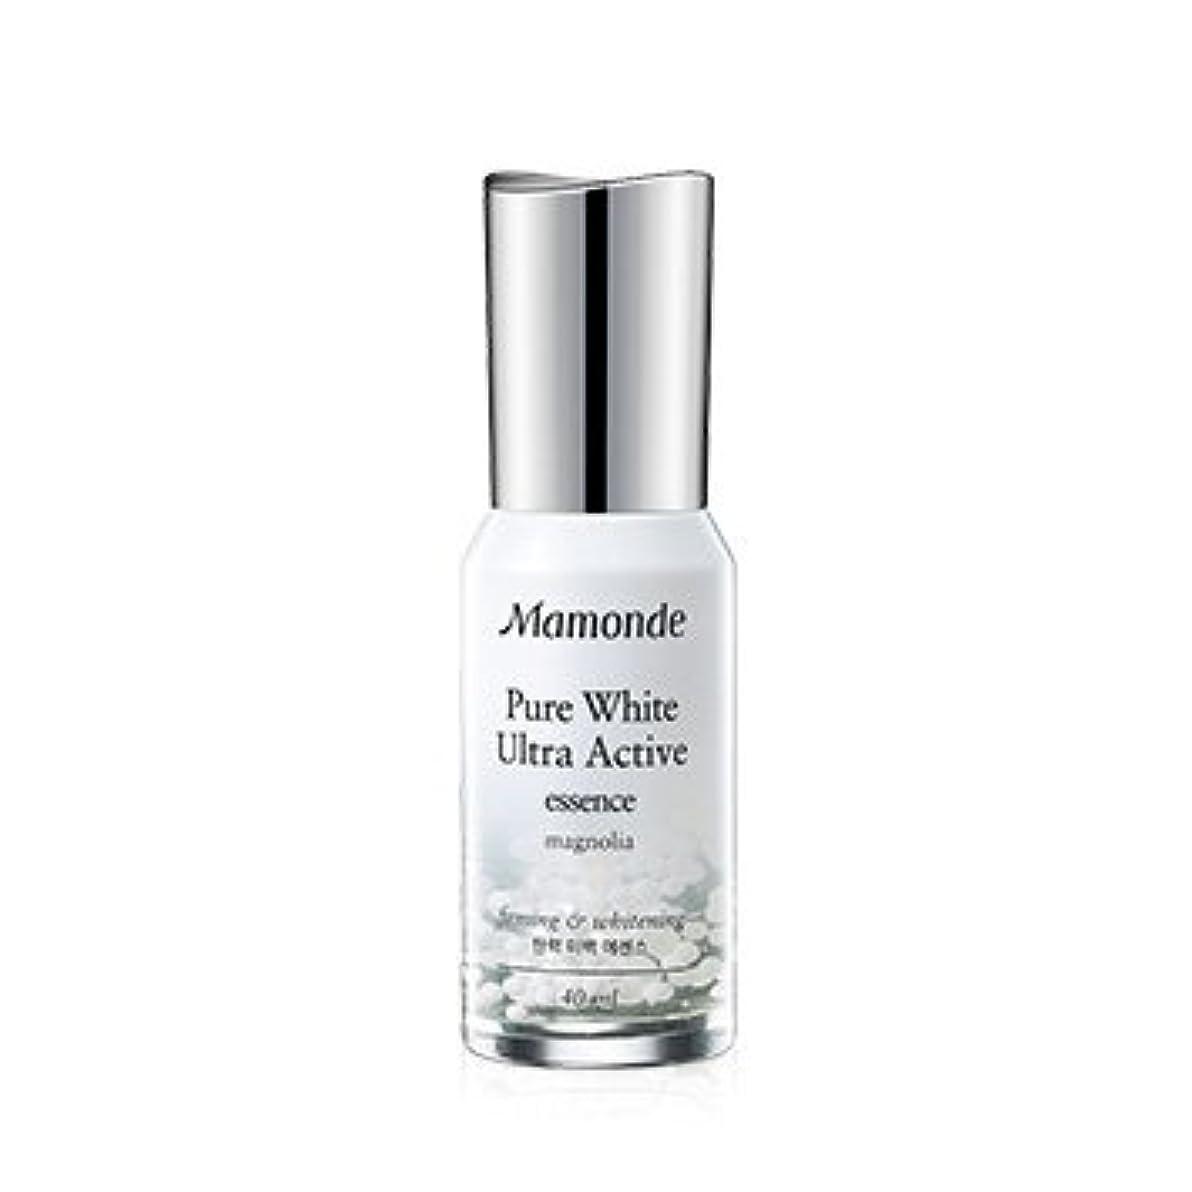 Mamonde Pure White Ultra Active Essence 40ml/マモンド ピュア ホワイト ウルトラ アクティブ エッセンス 40ml [並行輸入品]